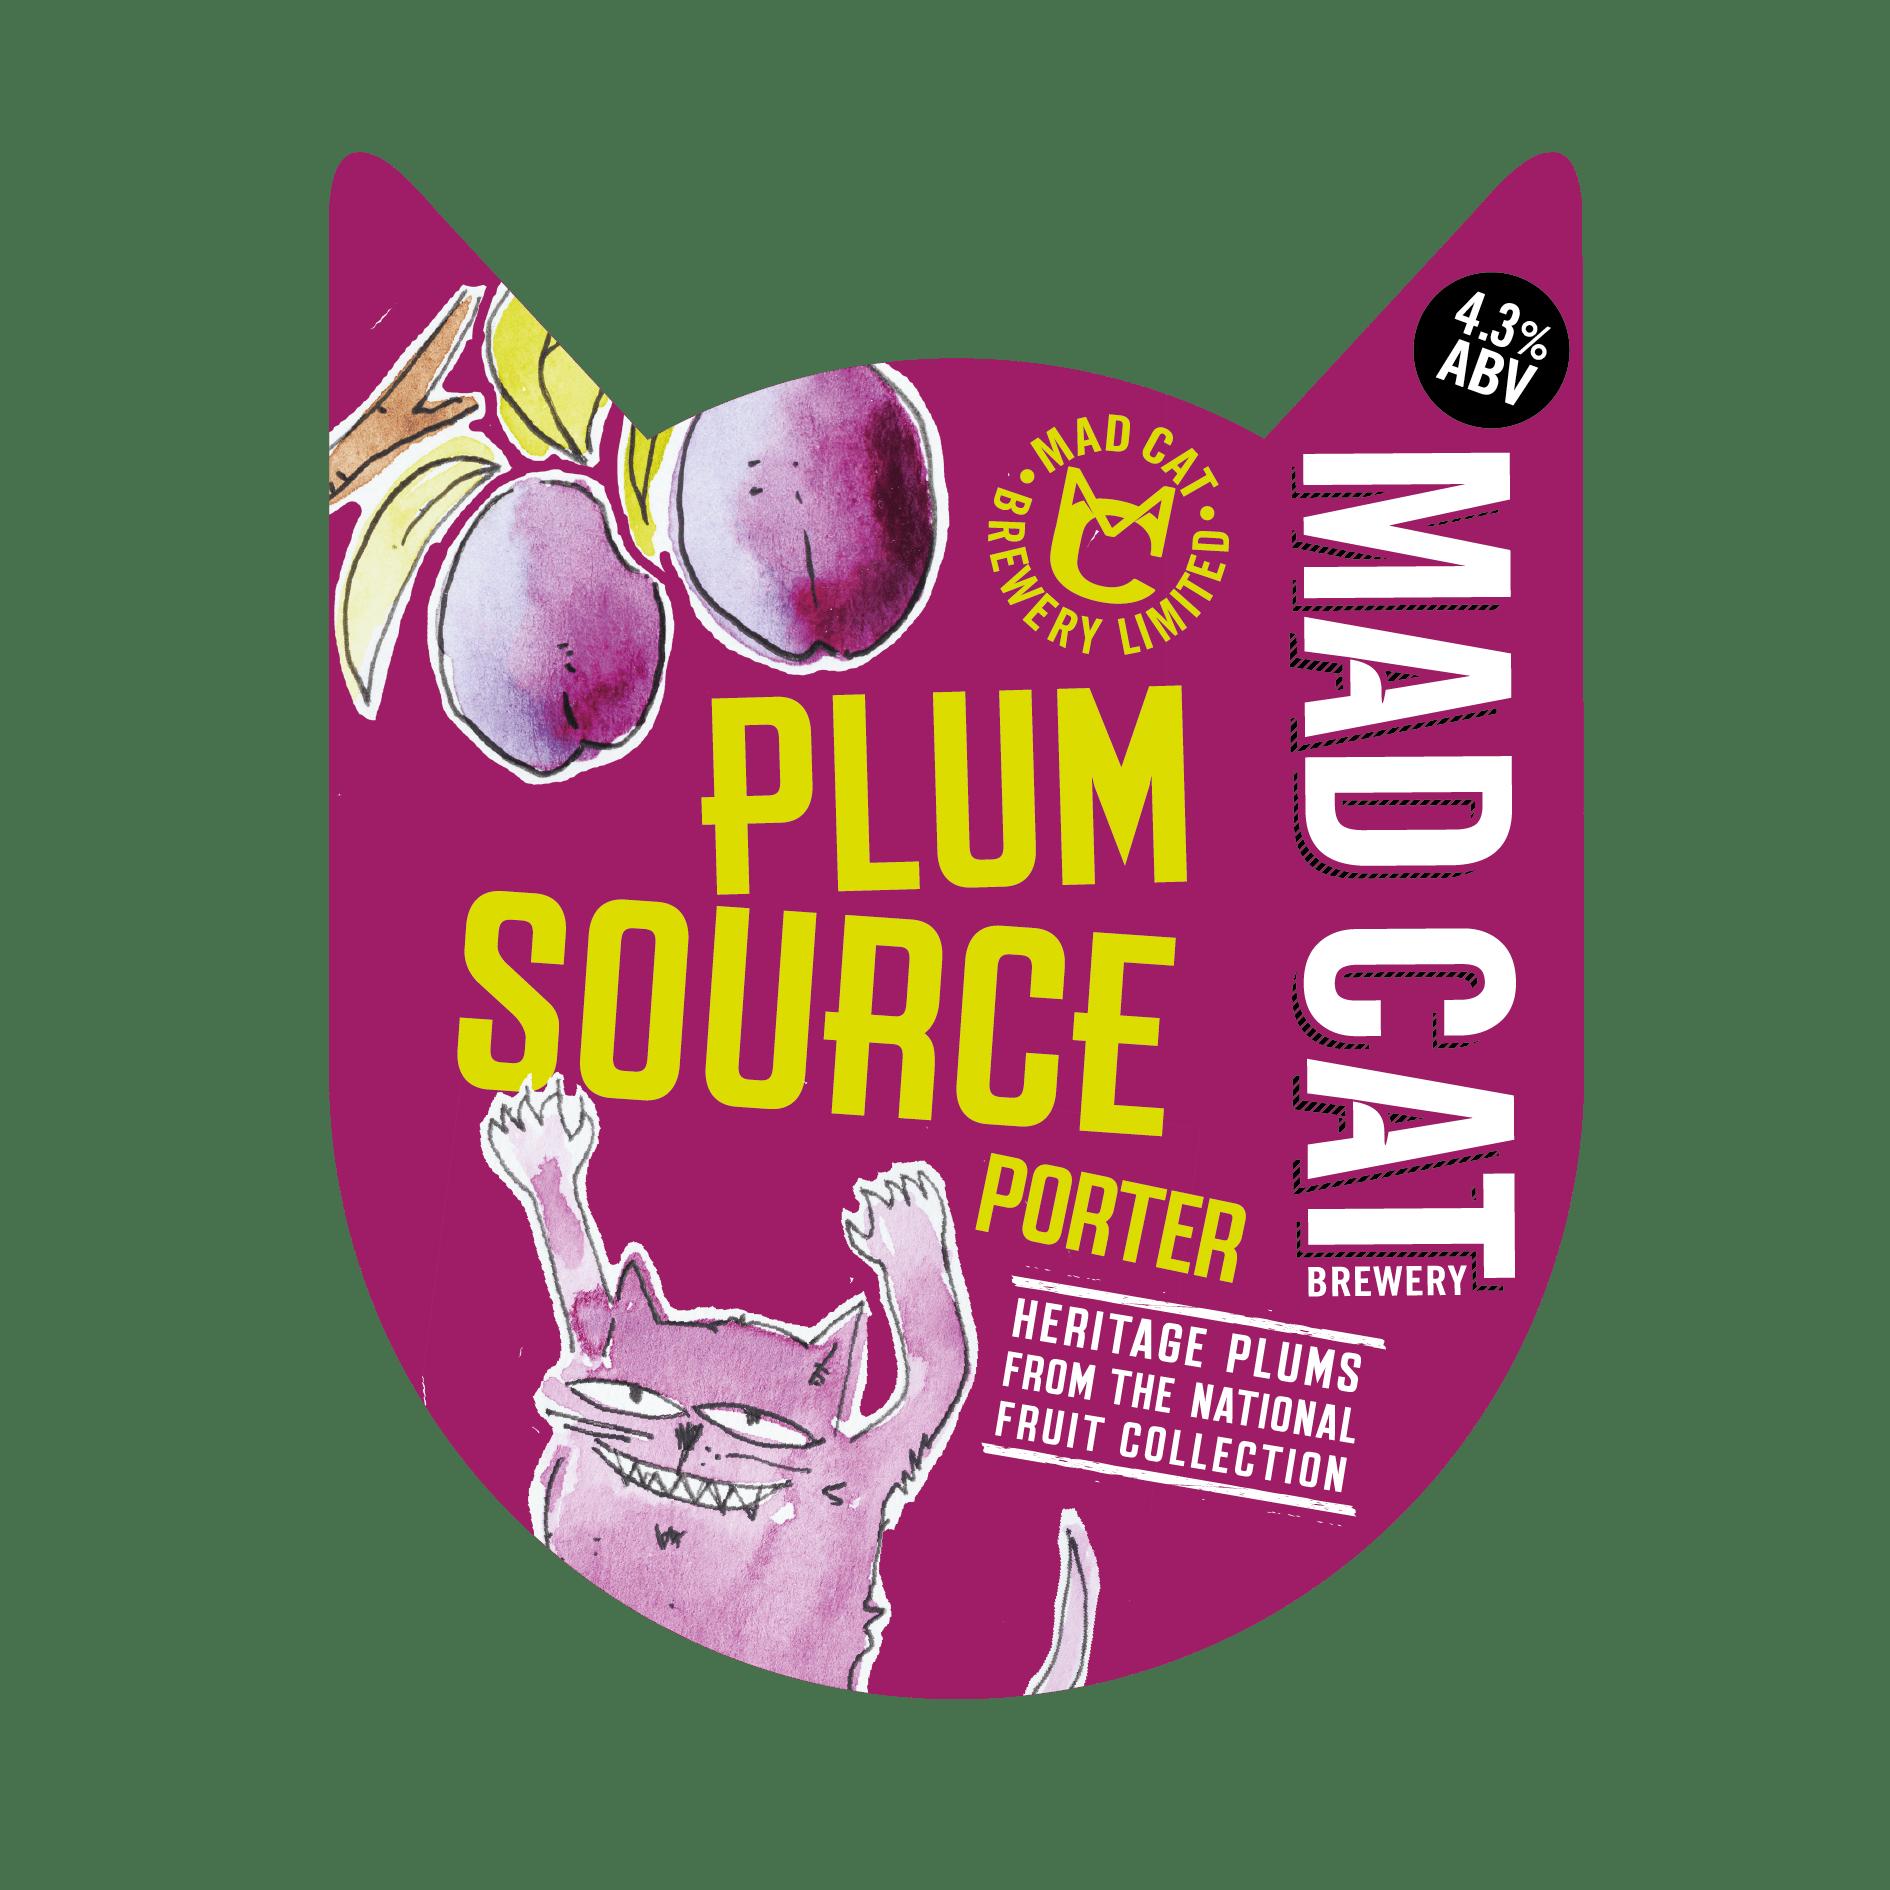 2018 pump clip visuals_PLUM SOURCE